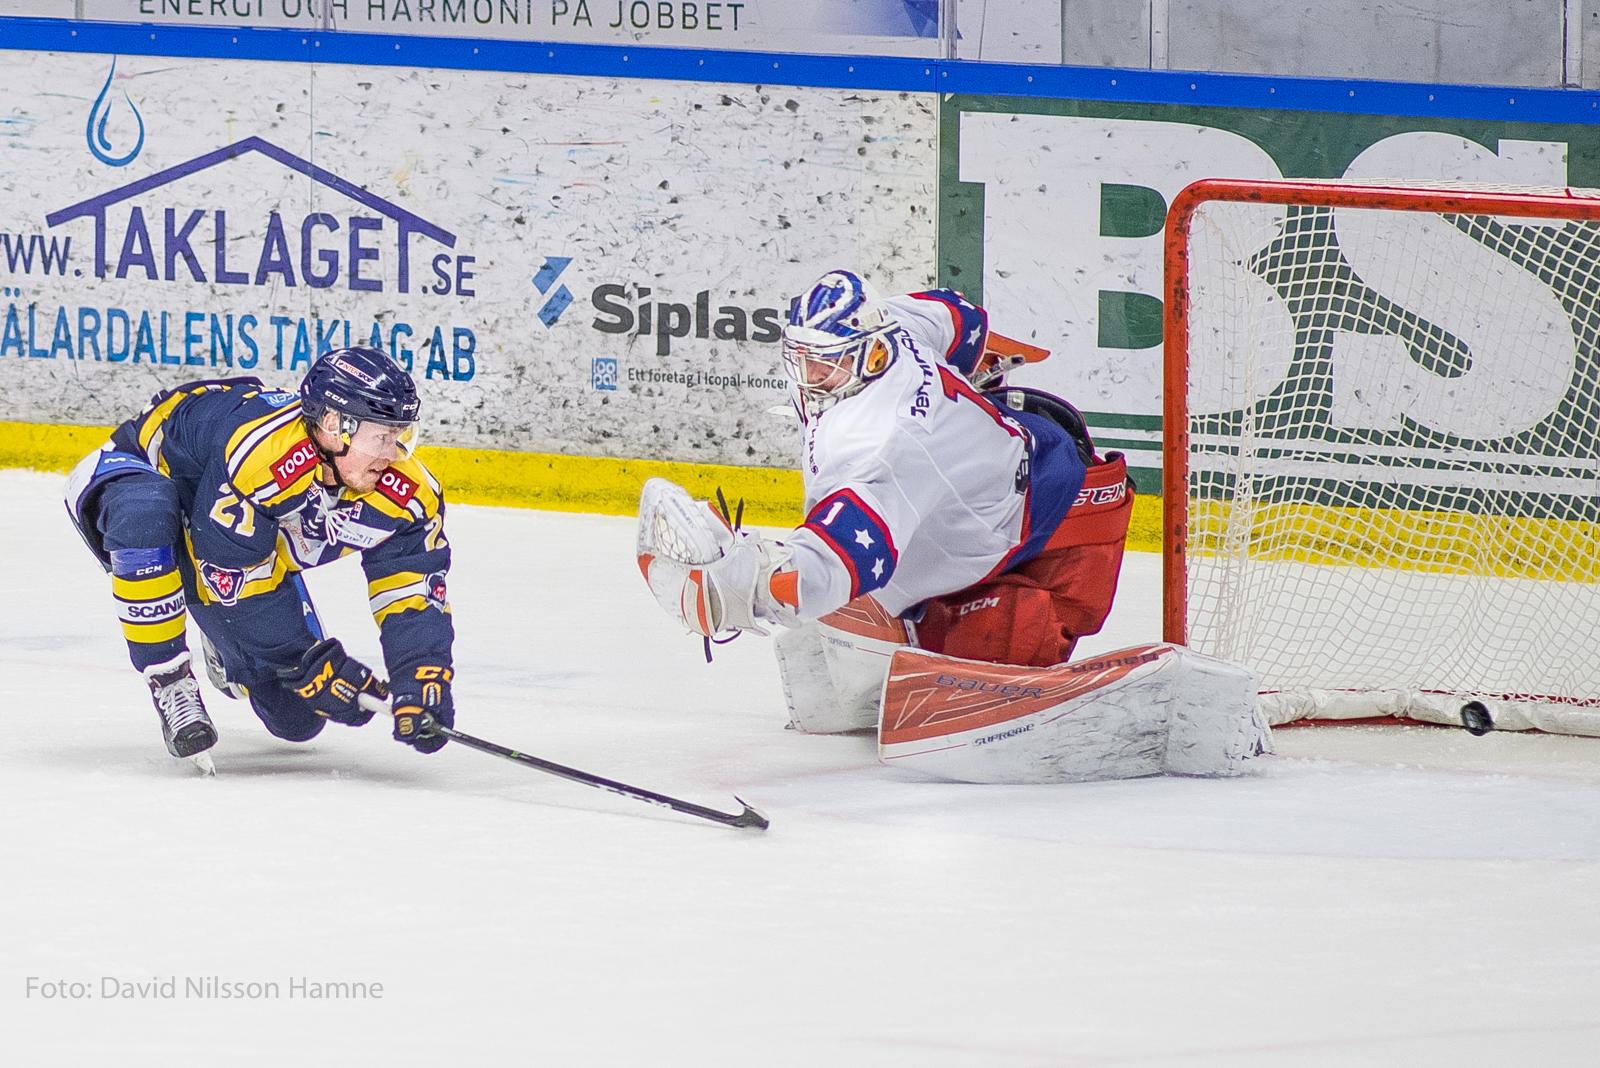 Johan Skinnars sätter avgörande straff mot Huddinge. Foto: David Nilsson Hamne